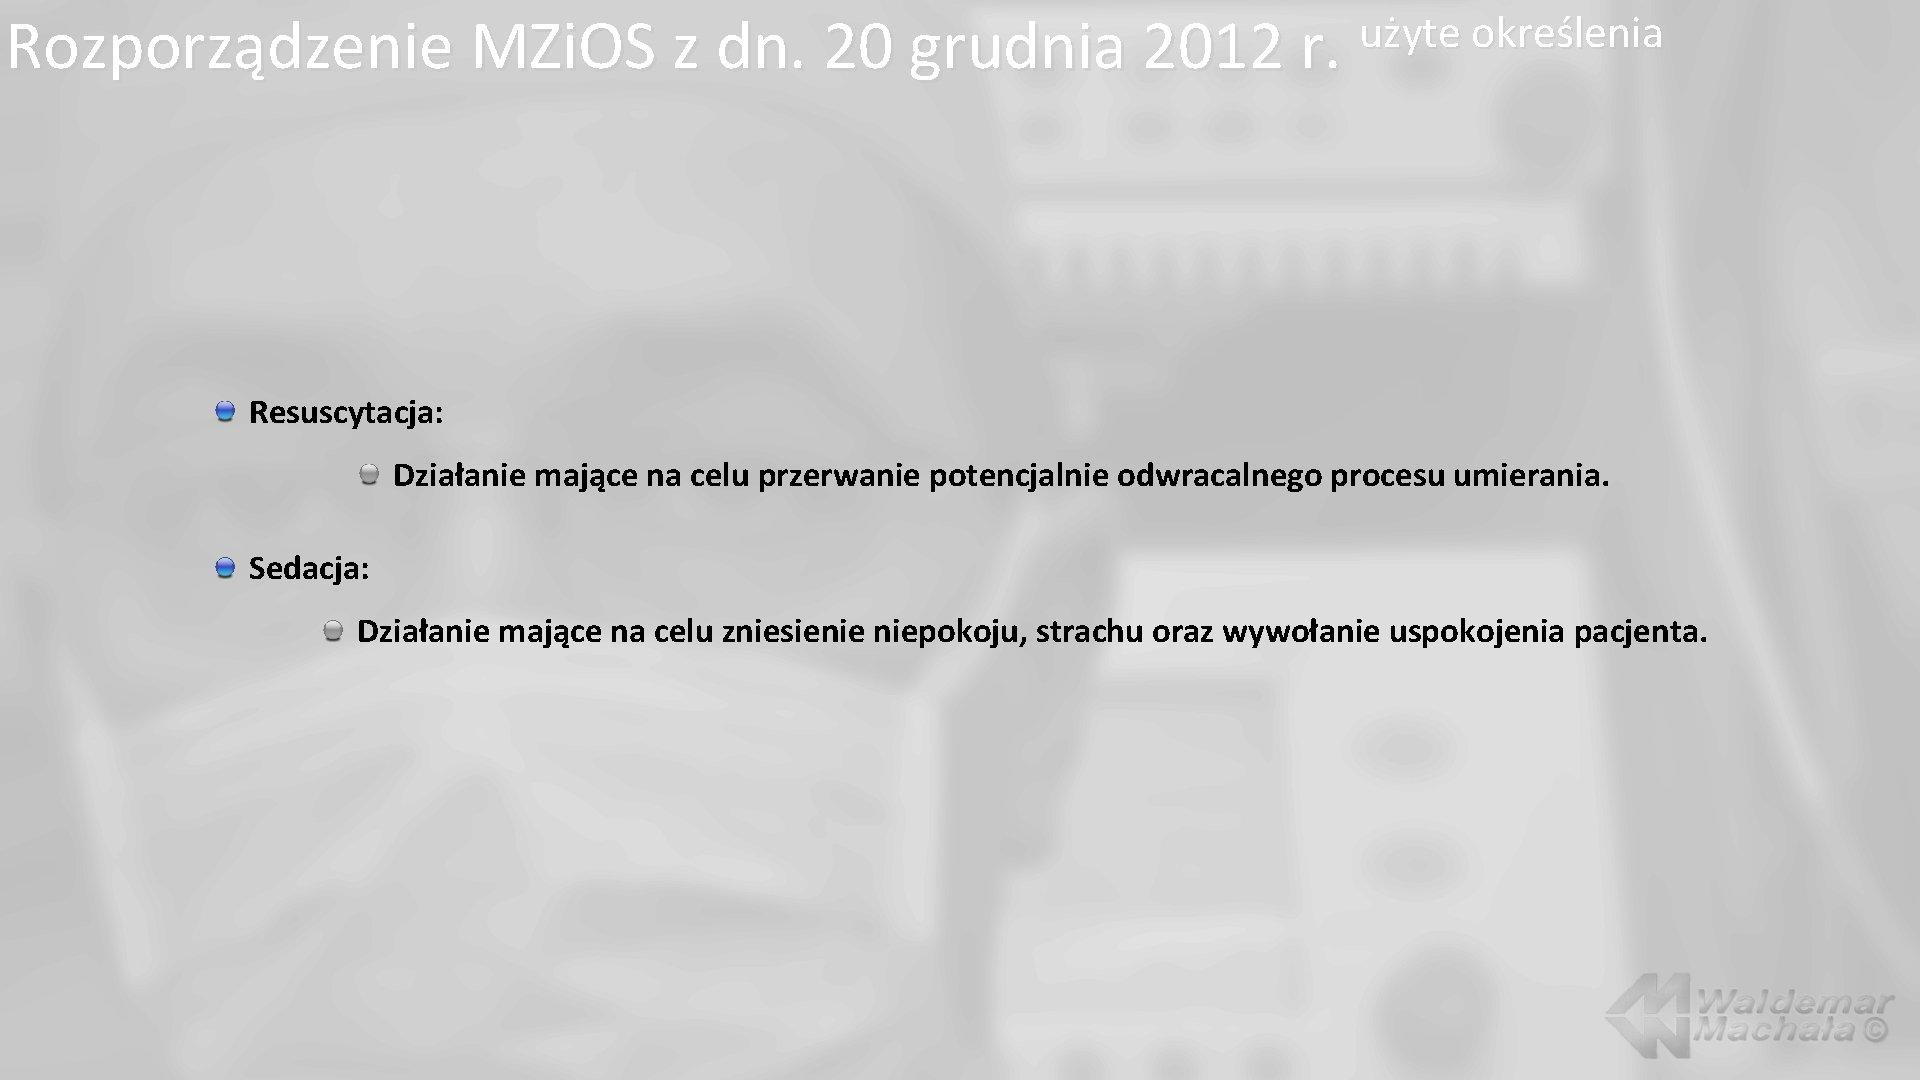 Rozporządzenie MZi. OS z dn. 20 grudnia 2012 r. użyte określenia Resuscytacja: Działanie mające